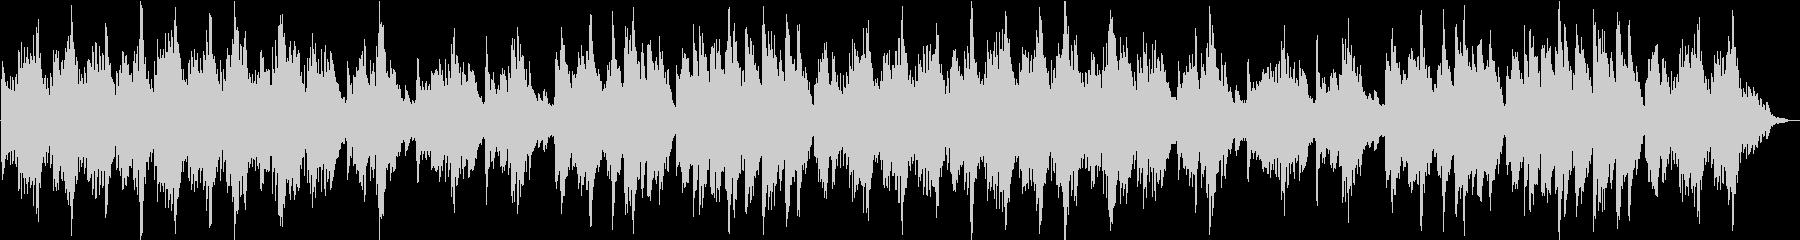 不思議で浮遊感のあるダークメルヘン曲の未再生の波形